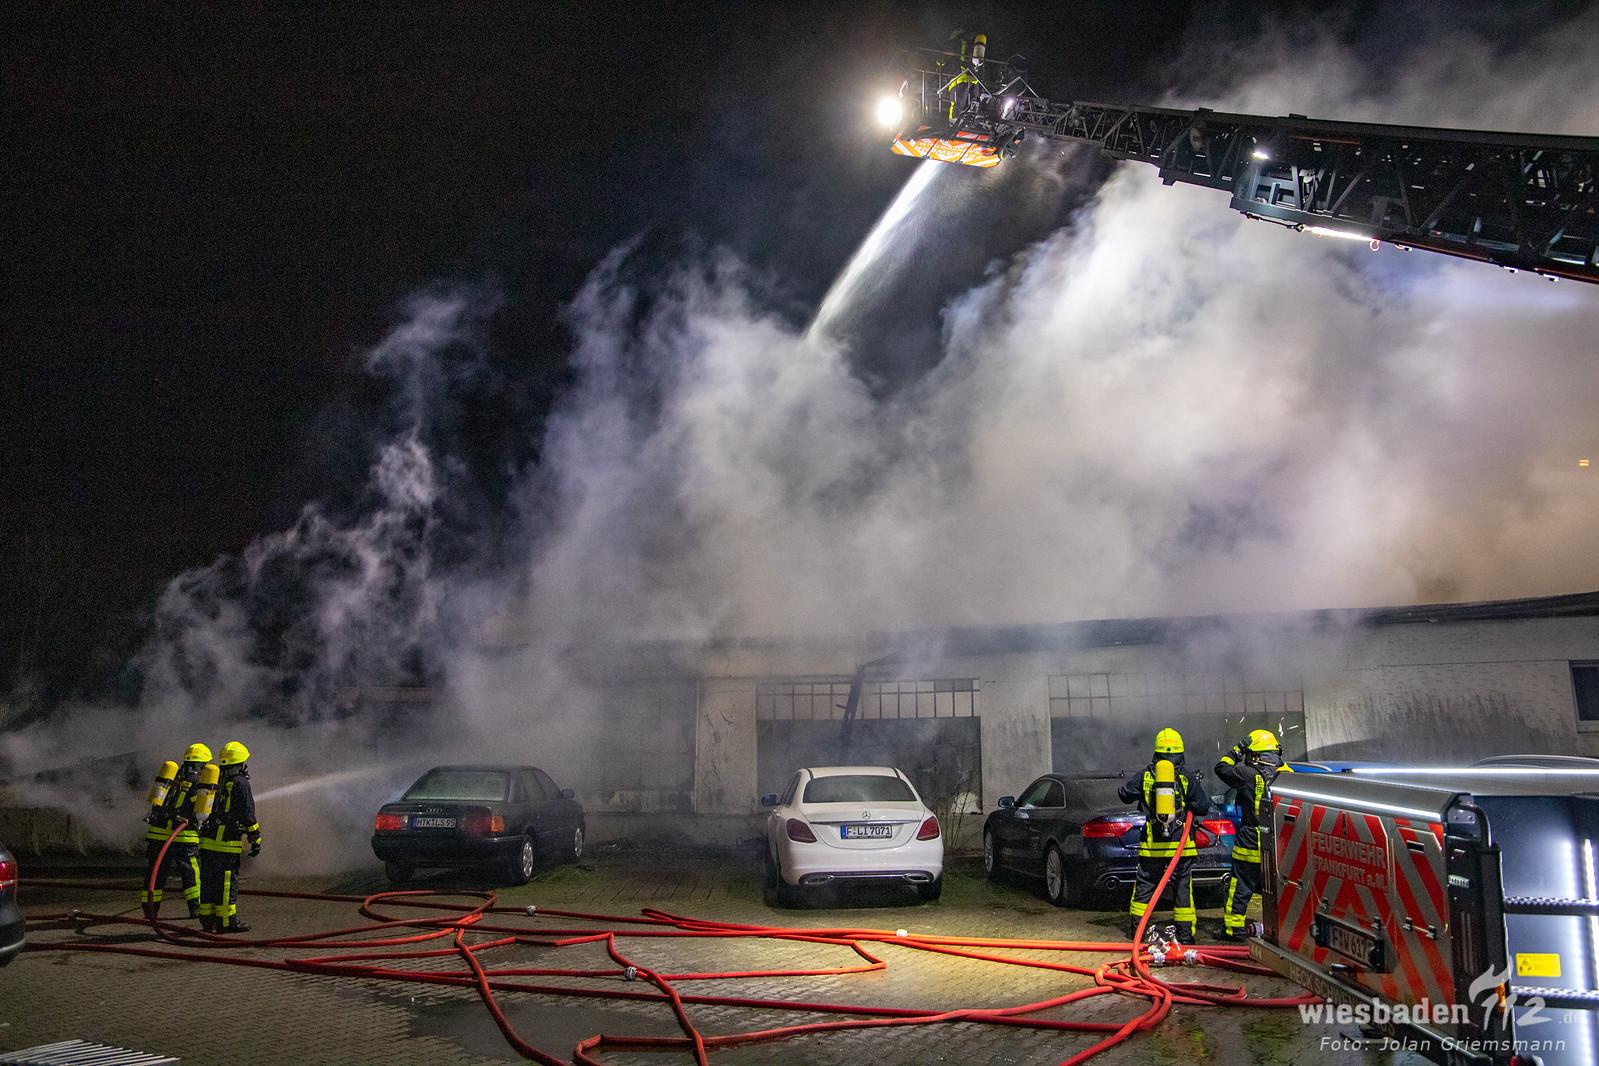 2020-02-02 Lagerhallenbrand Frankfurt-Rödelheim (8 von 22)